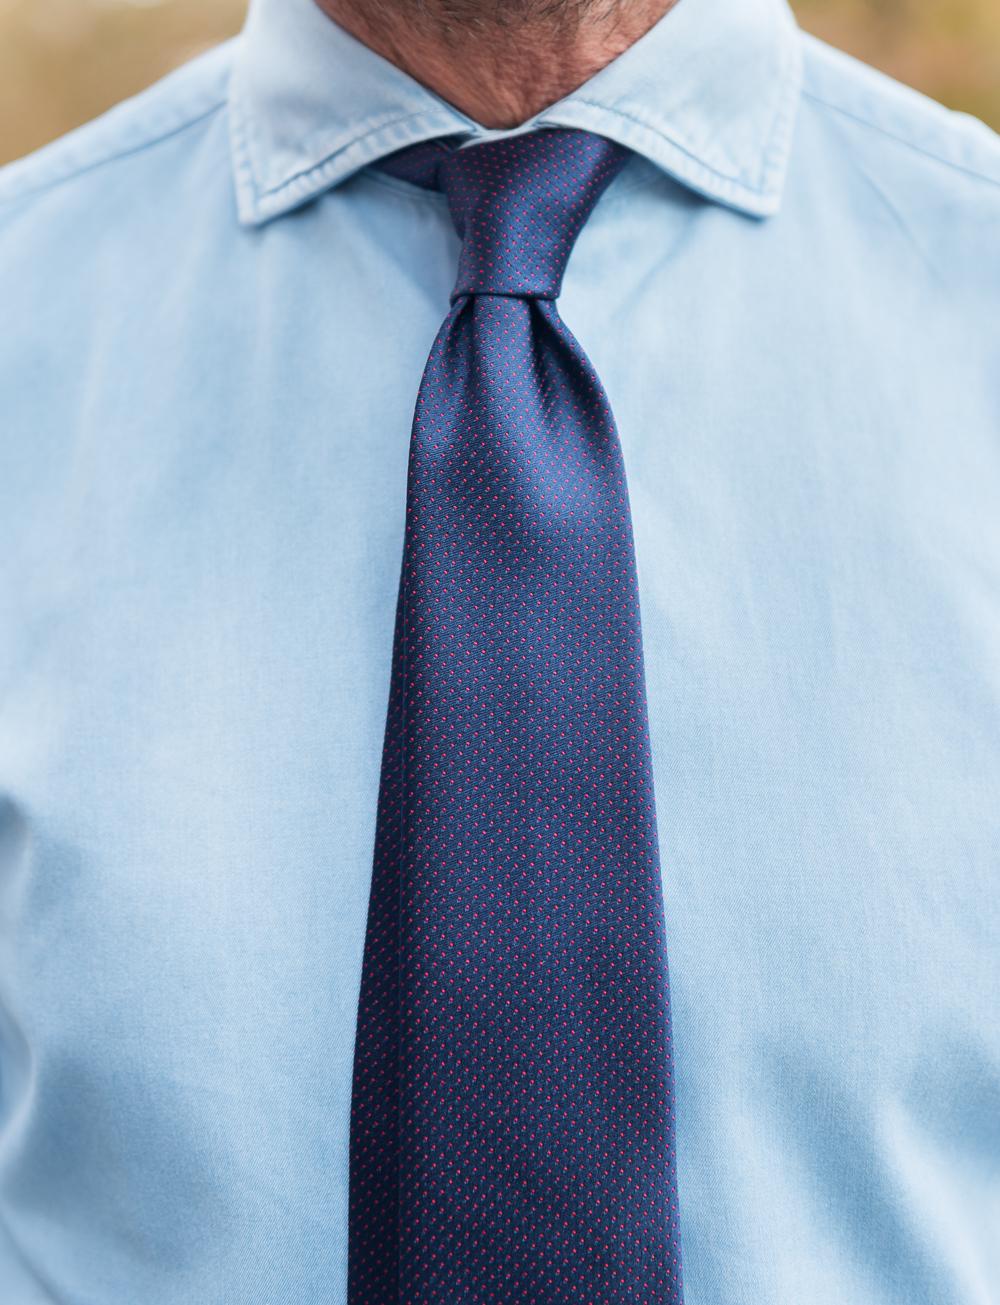 Cravate en soie à pois – bleu marine rouge   Cadot 1afb56b1938